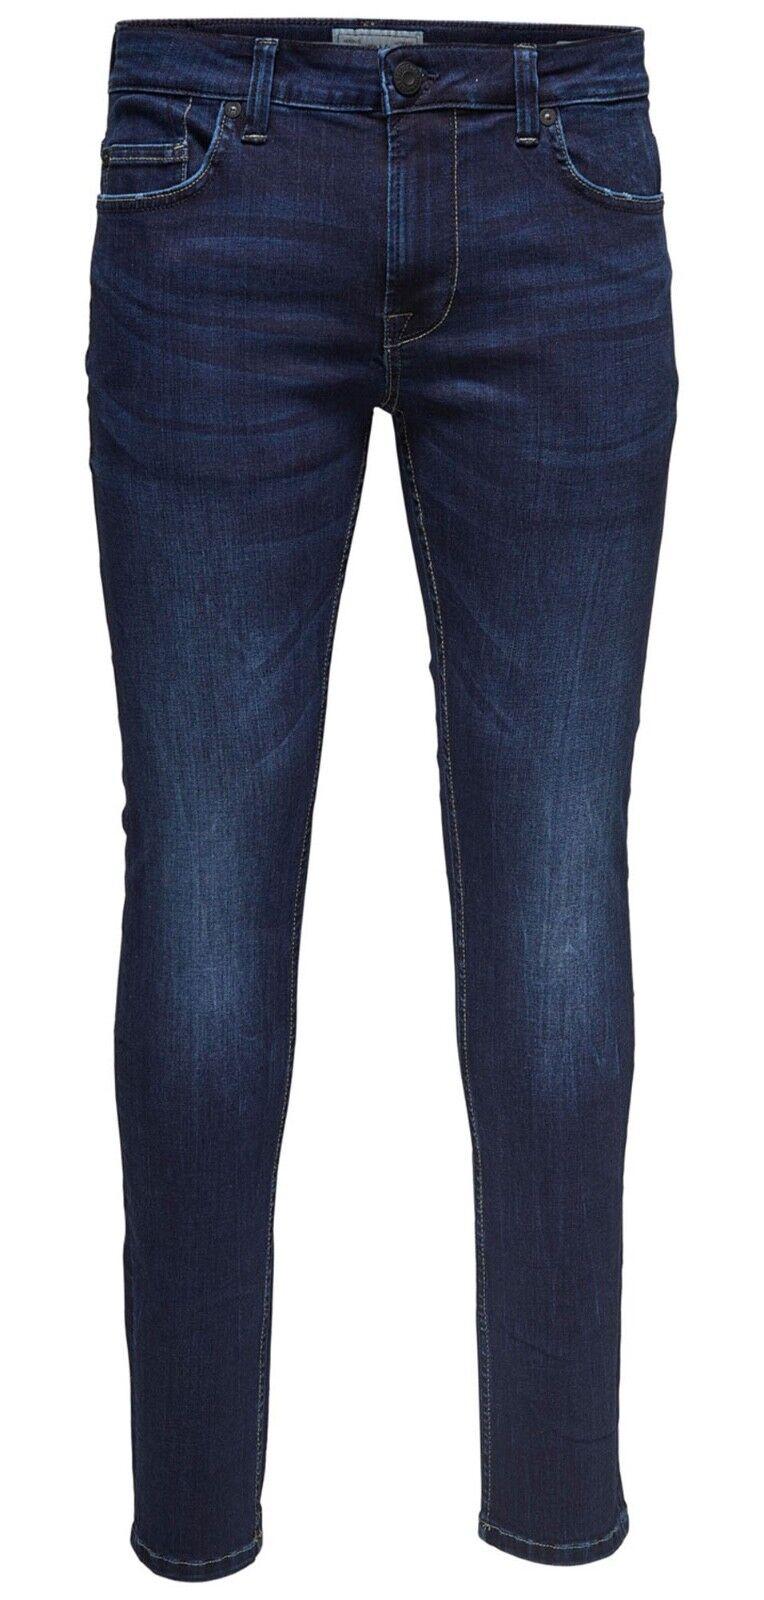 Söhne Jeans Herren Kette Skinny Fit Schmal Leg Denim-Hose Dunkelblau Verblichen  | Tadellos  | Wir haben von unseren Kunden Lob erhalten.  | Neue Sorten werden eingeführt